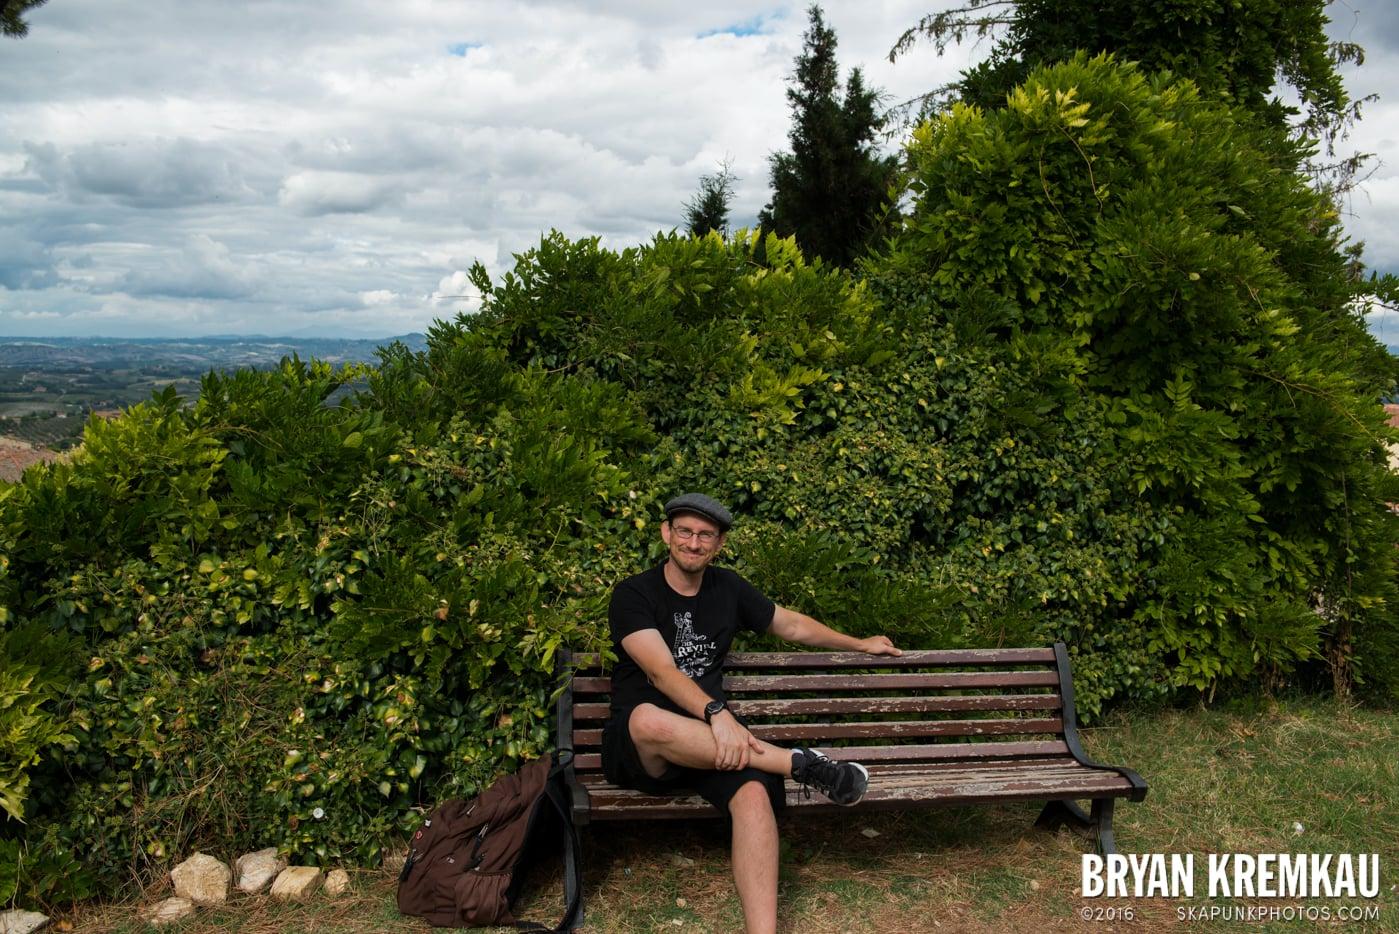 Italy Vacation - Day 8: Siena, San Gimignano, Chianti, Pisa - 9.16.13 (51)